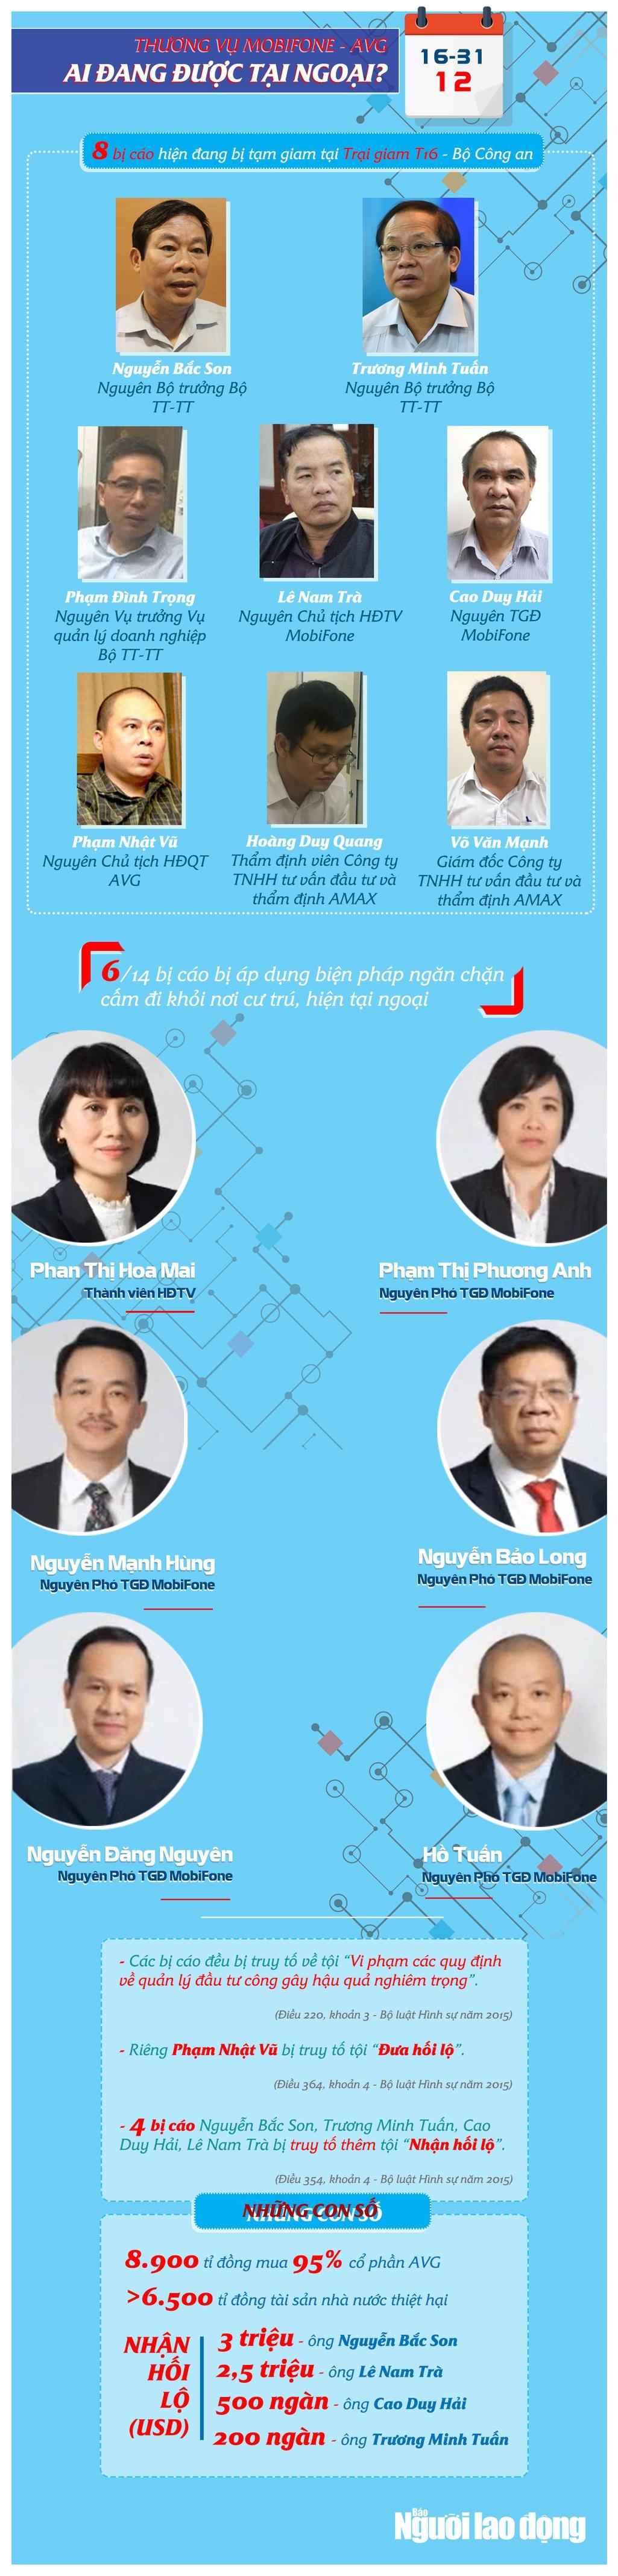 [Infographic] Thương vụ MobiFone-AVG: Xét xử 2 cựu Bộ trưởng cùng các bị cáo - Ảnh 1.